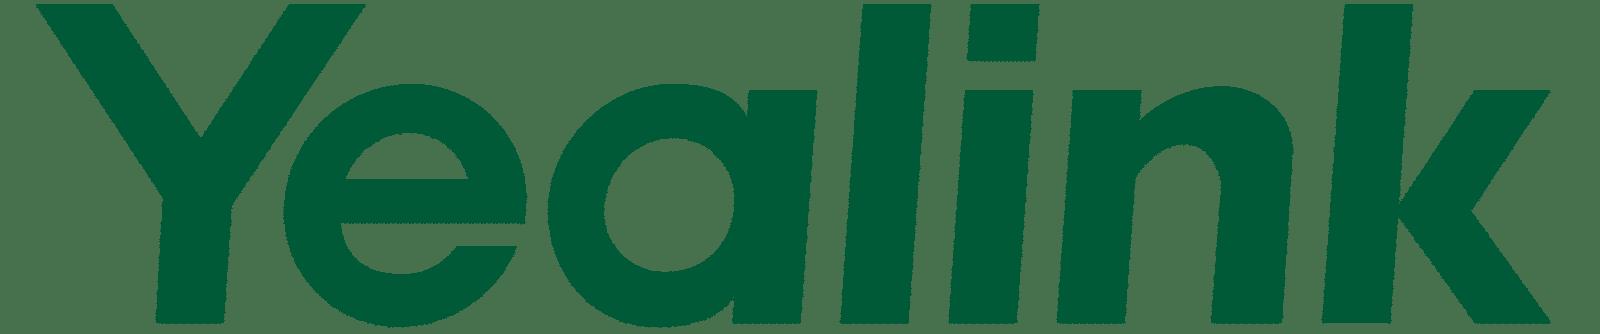 Yealink logo logotype